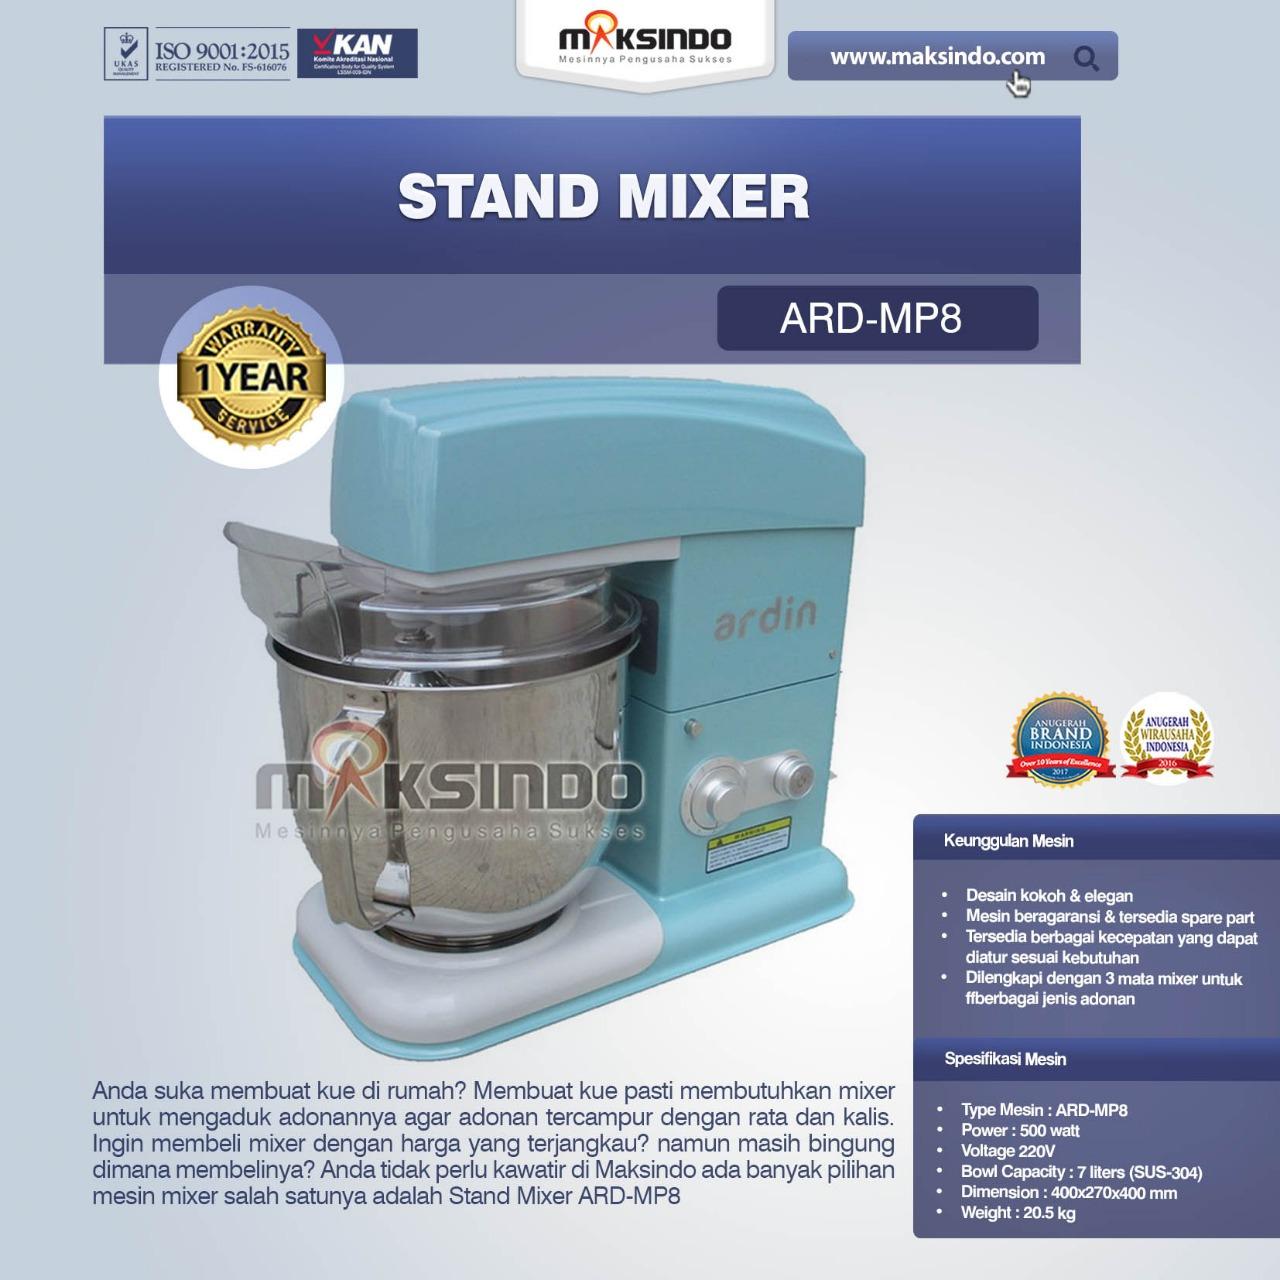 Jual Stand Mixer ARD-MP8 di Blitar